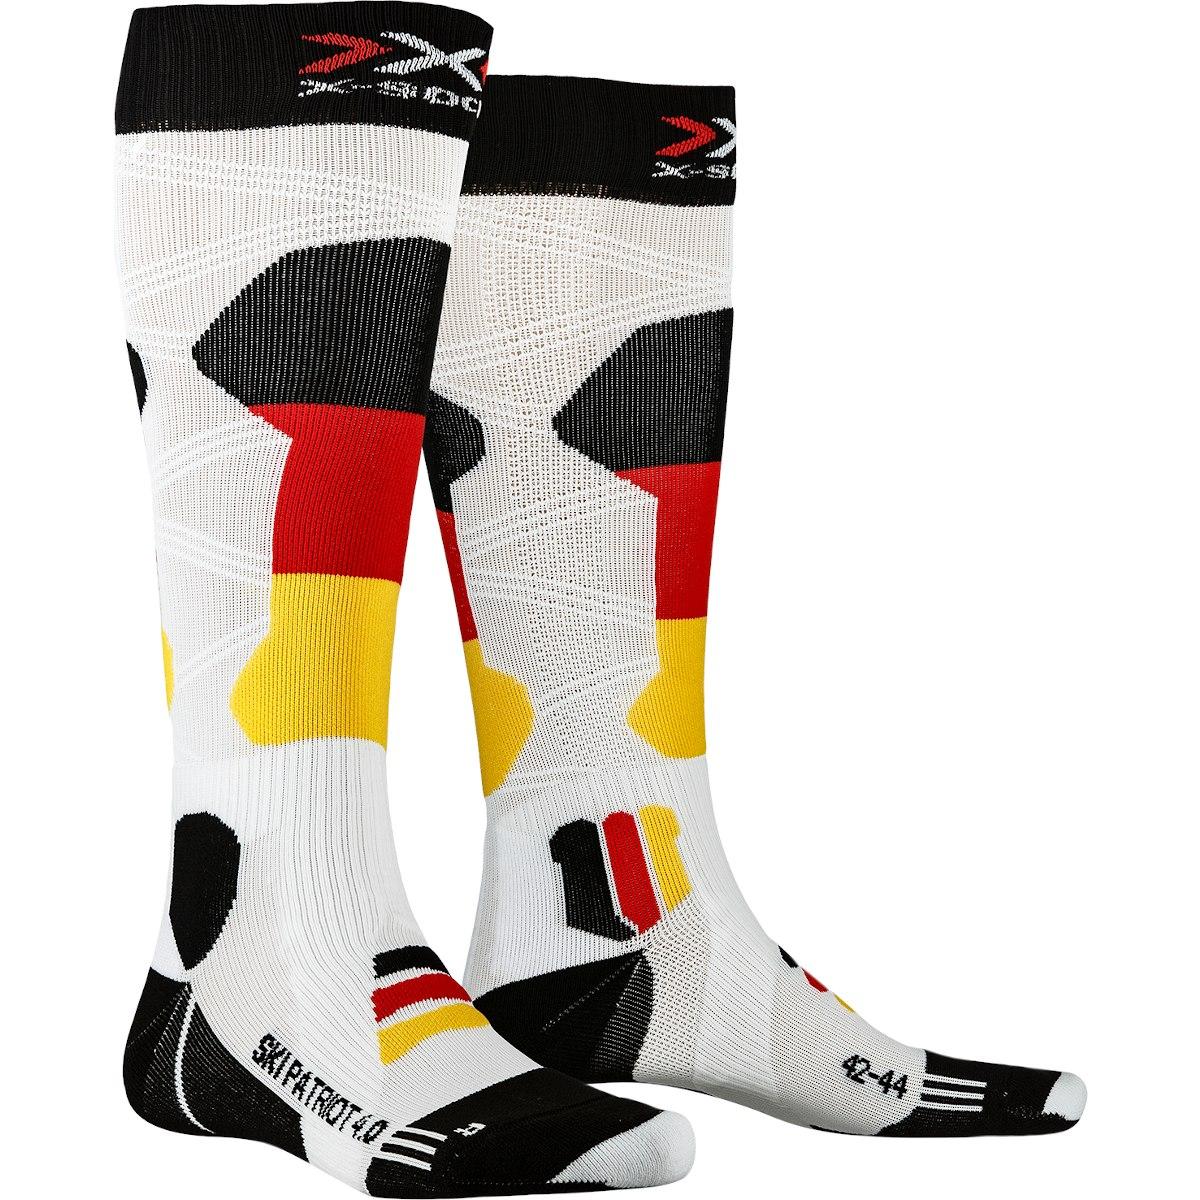 X-Socks Ski Patriot 4.0 Socken - germany